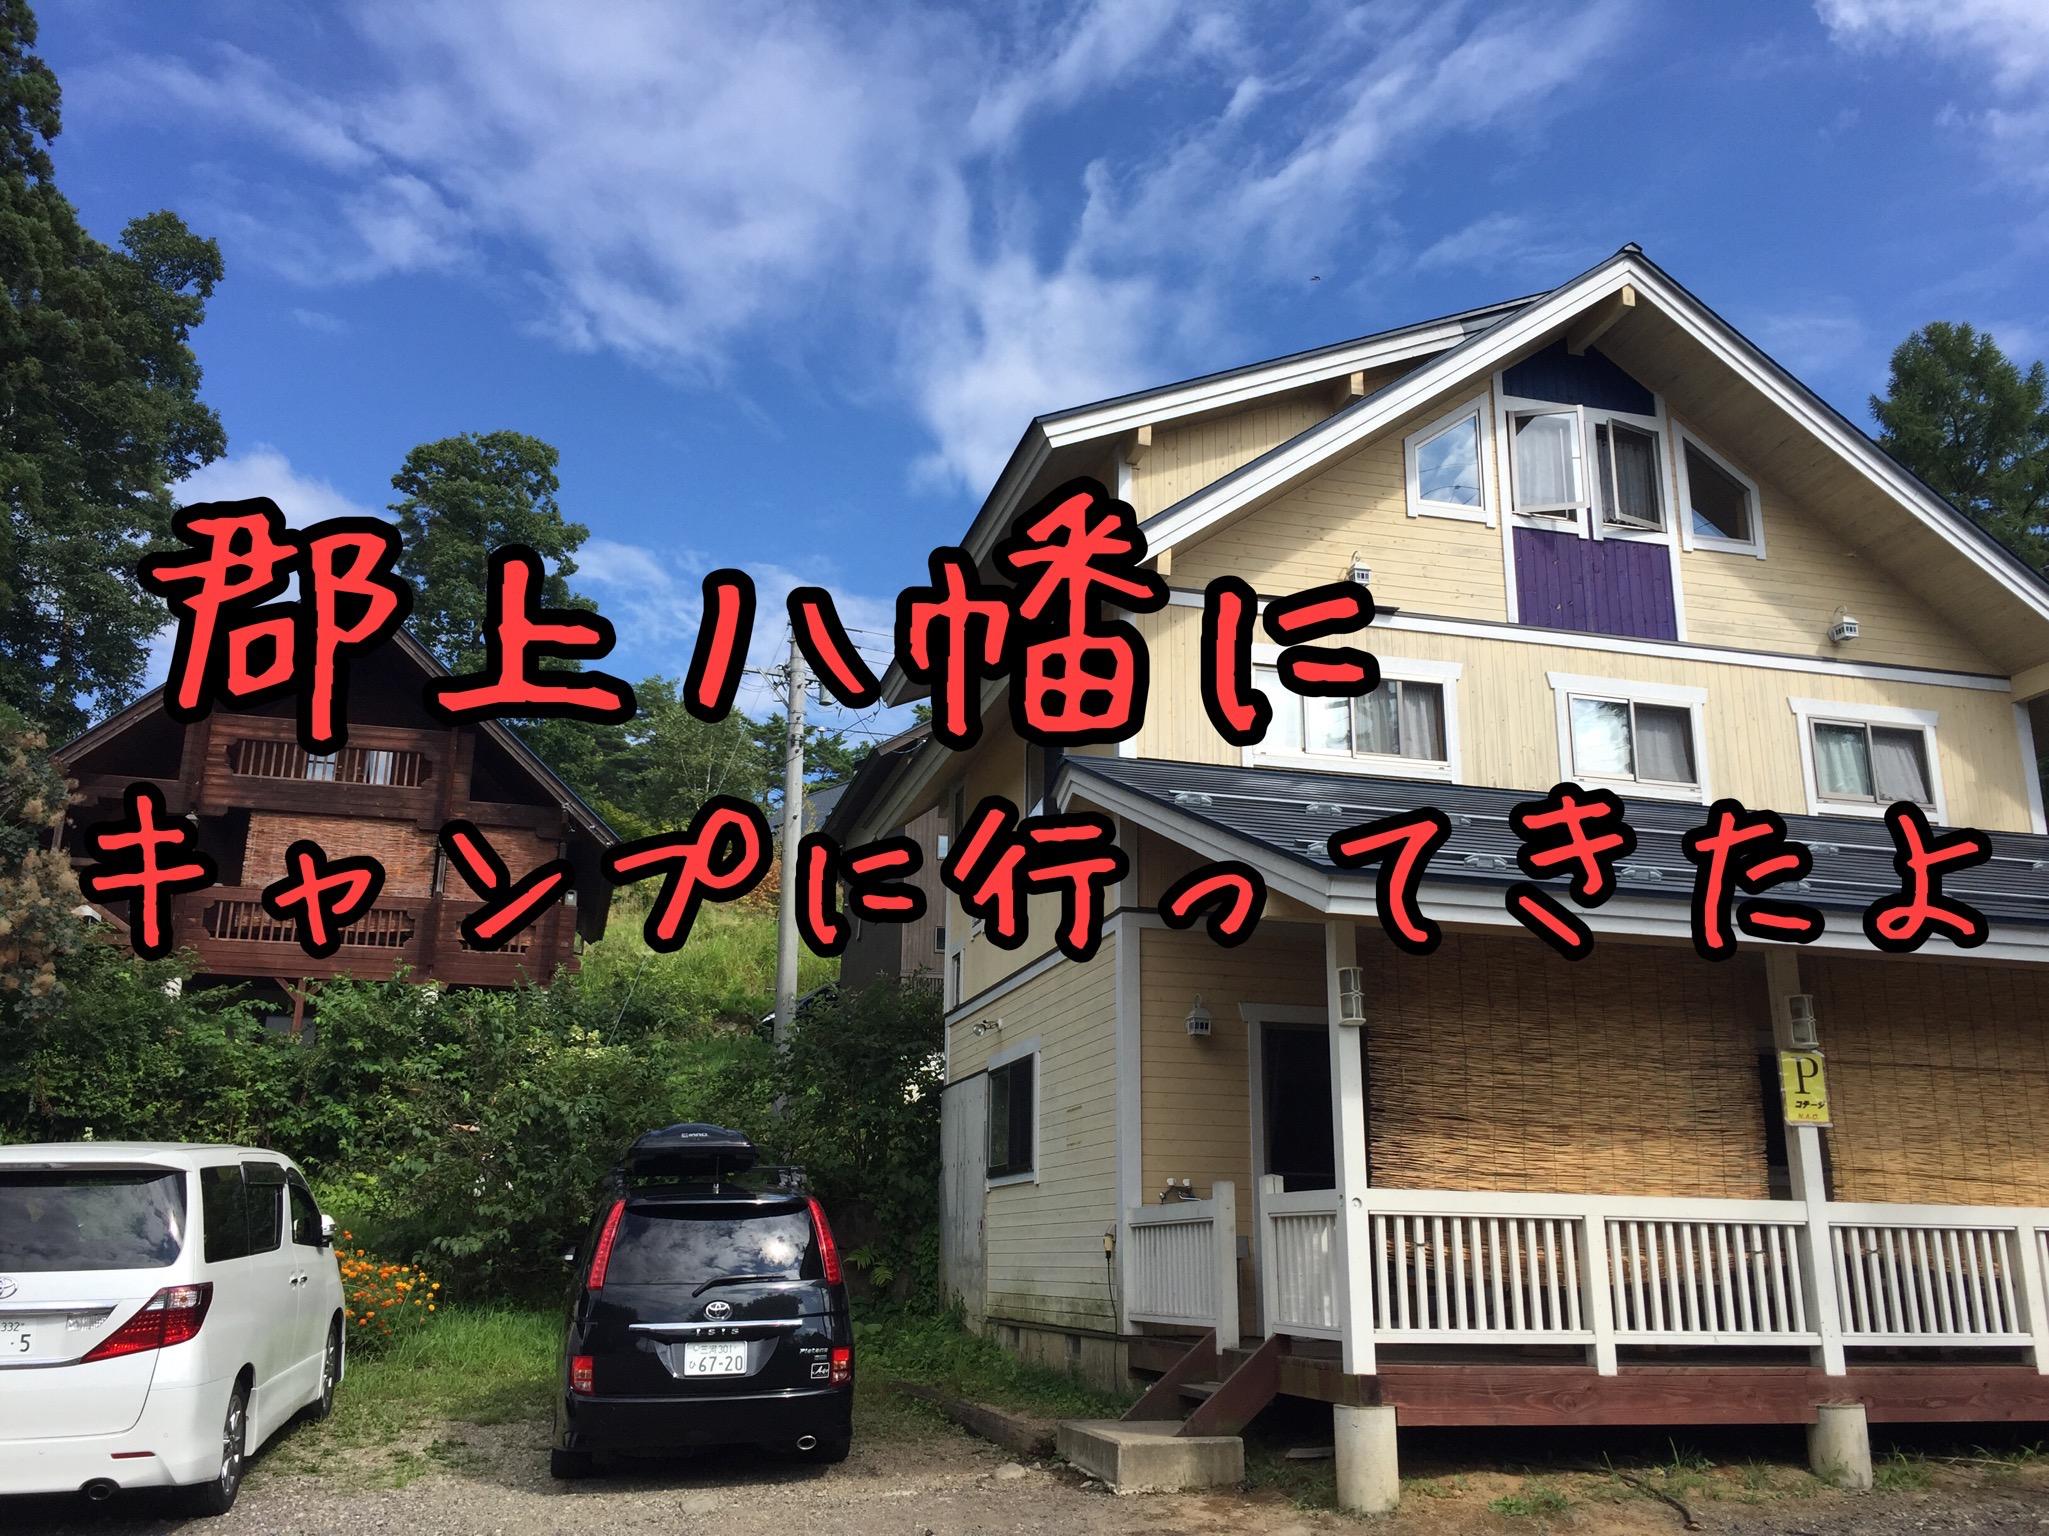 【夏休み】4日間ありがとうございました!岐阜で過ごしたテンチョーの夏の思い出